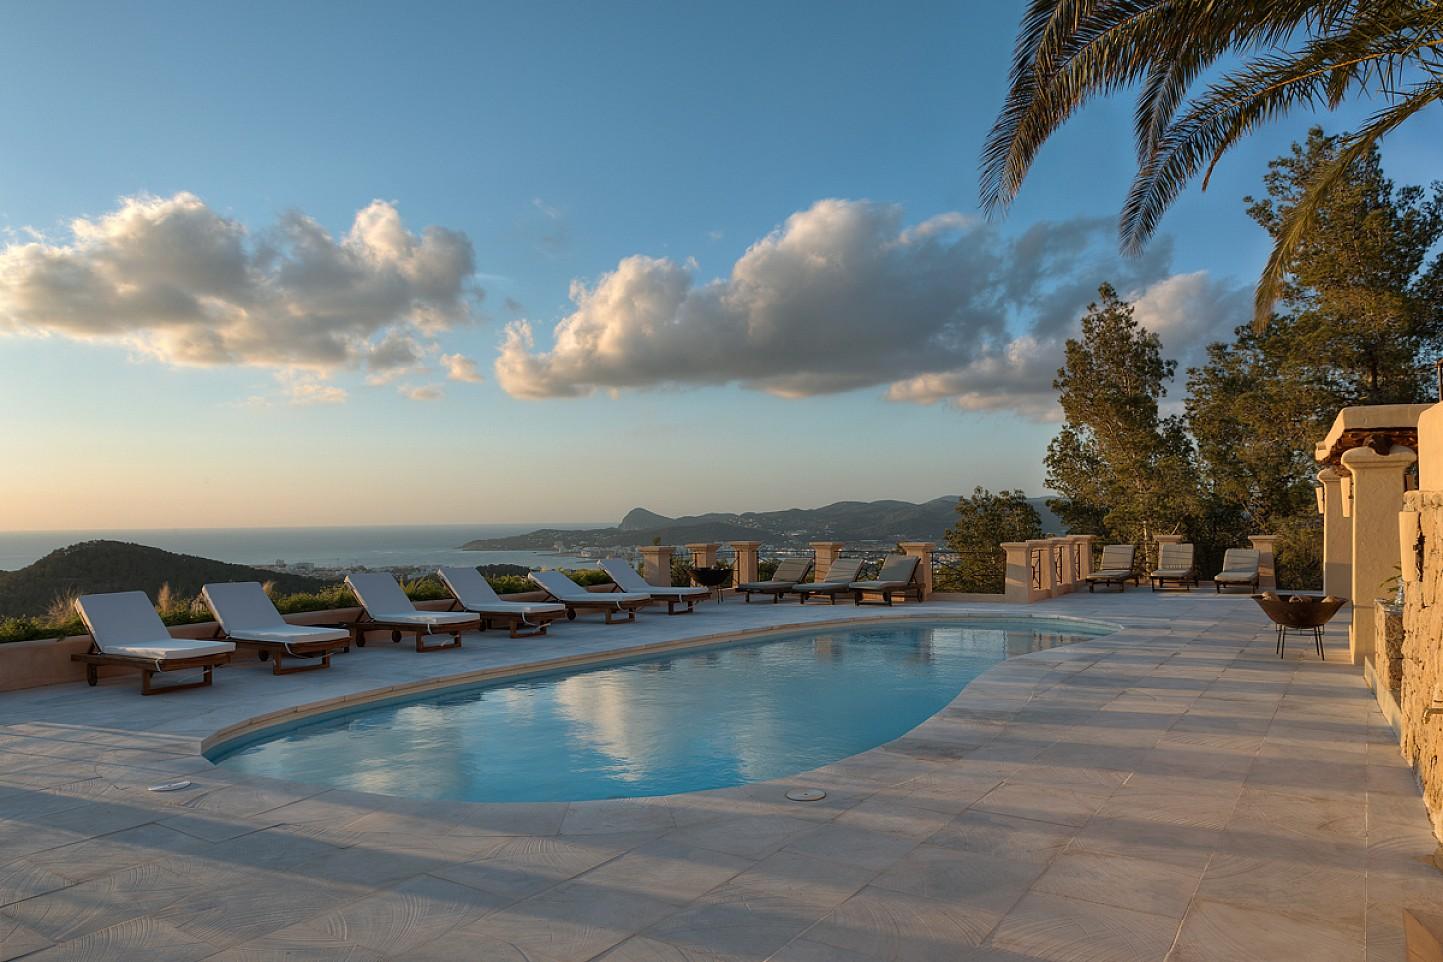 Piscina propia de maravillosa villa en alquiler en San Agustin, Ibiza